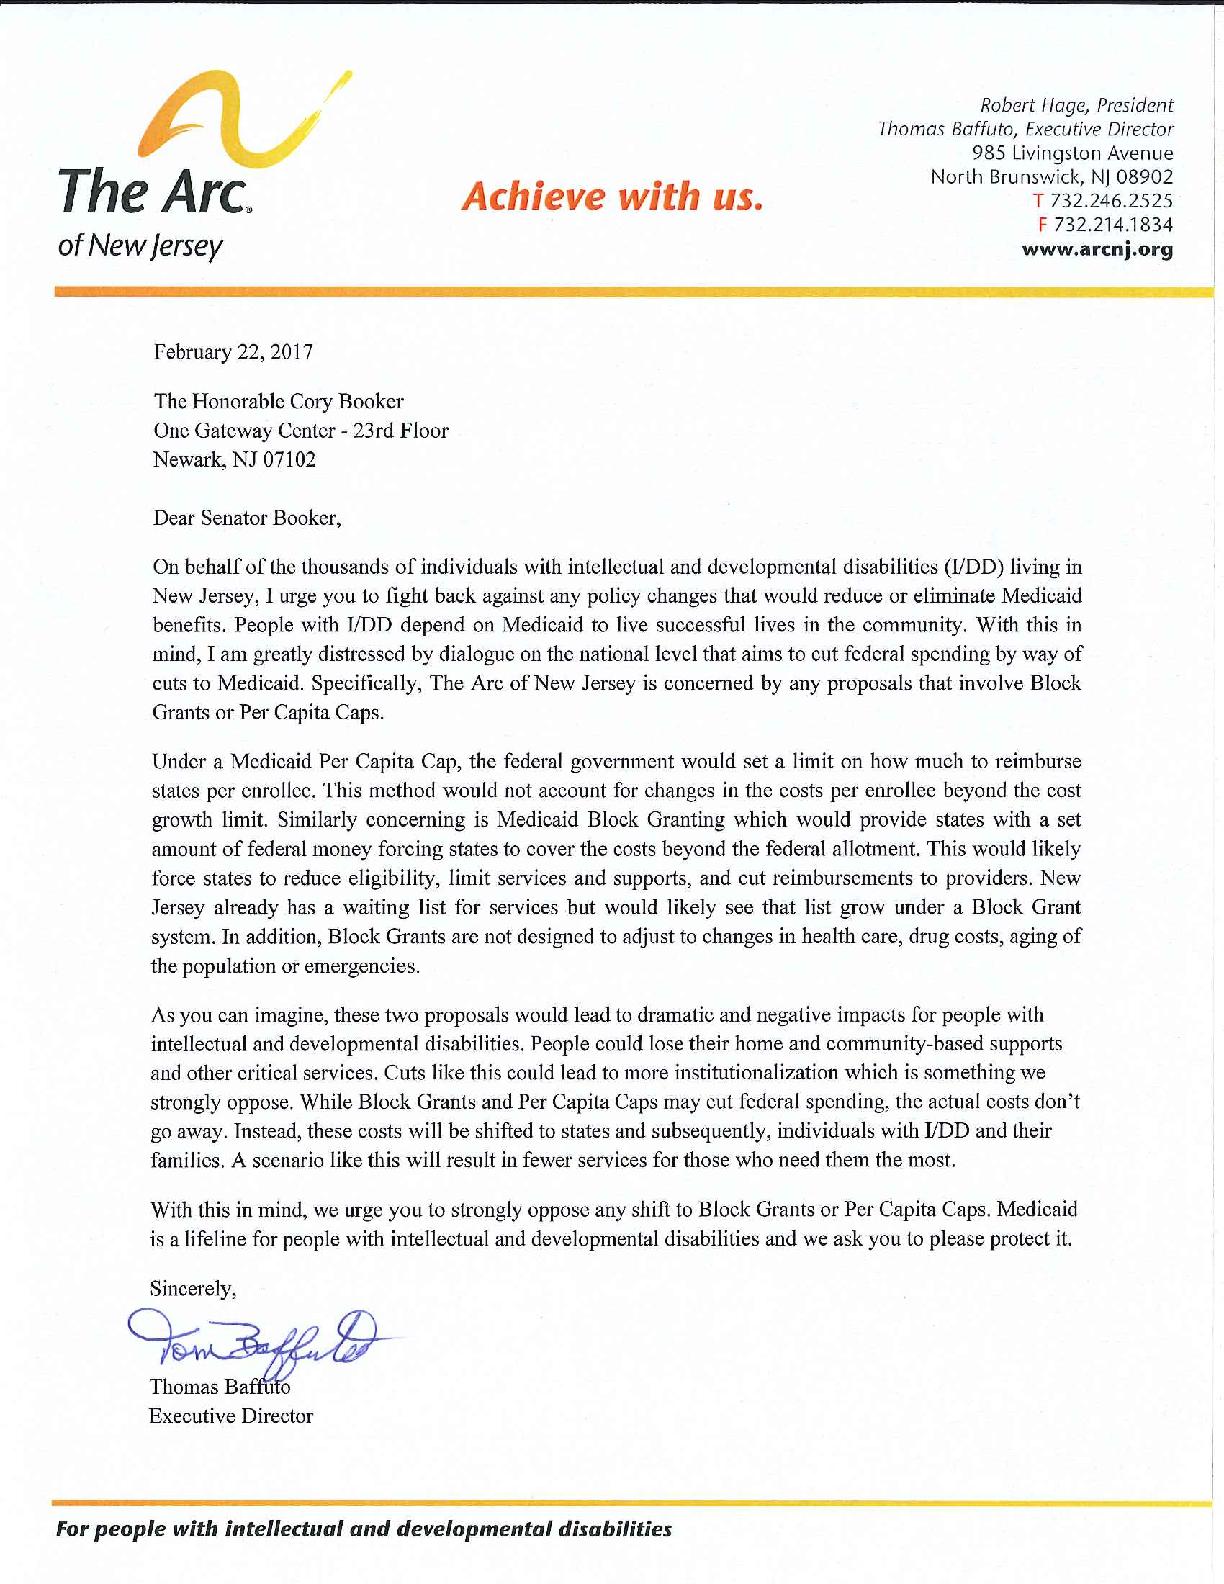 Letter to NJ's US Senators - 06.14.17